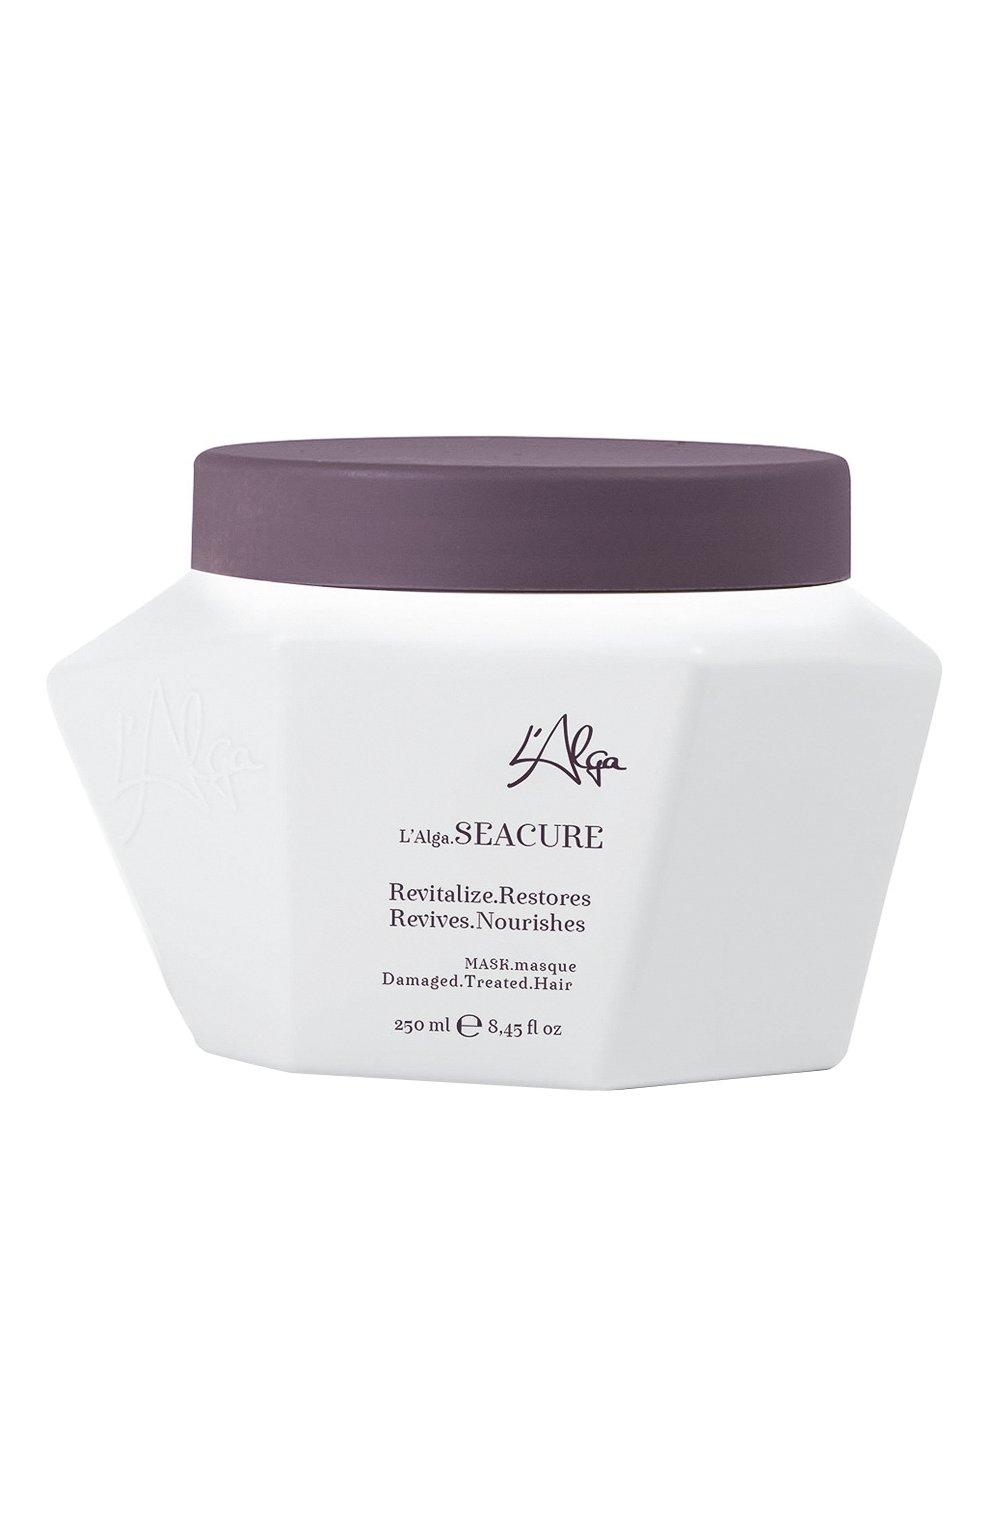 Восстанавливающая маска интенсивного действия для волос seacure (250ml) L'ALGA бесцветного цвета, арт. 5060558800083   Фото 1